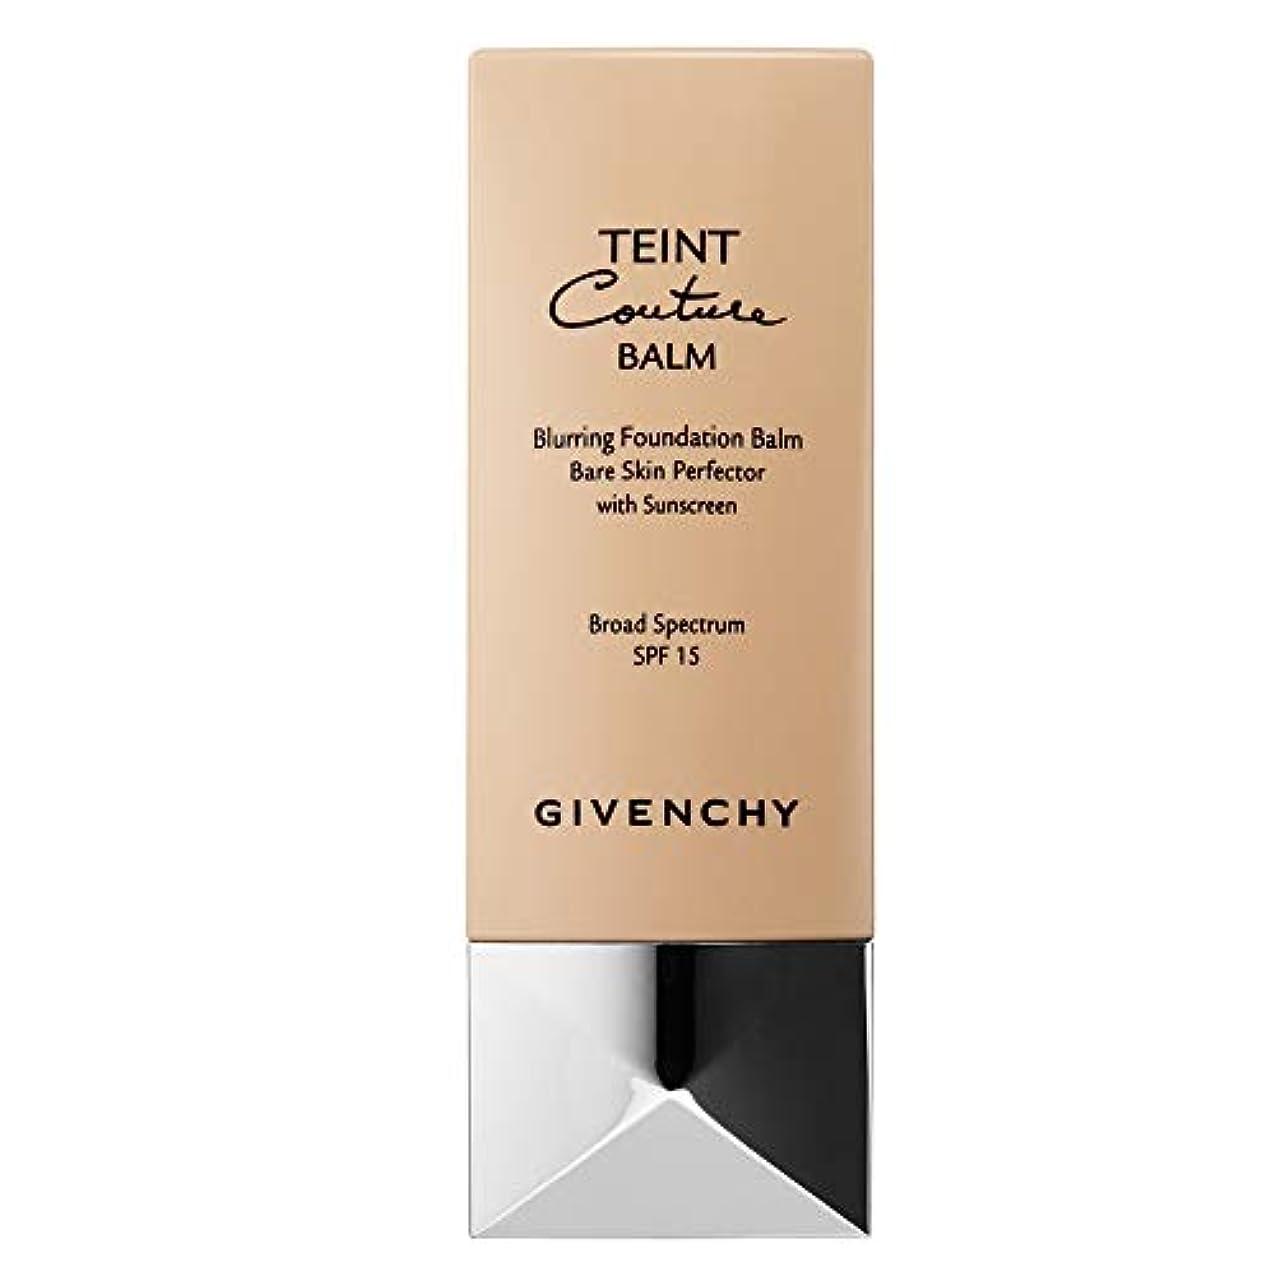 スクラップブック大胆ビジョンジバンシィ Teint Couture Blurring Foundation Balm SPF 15 - # 1 Nude Porcelain 30ml/1oz並行輸入品